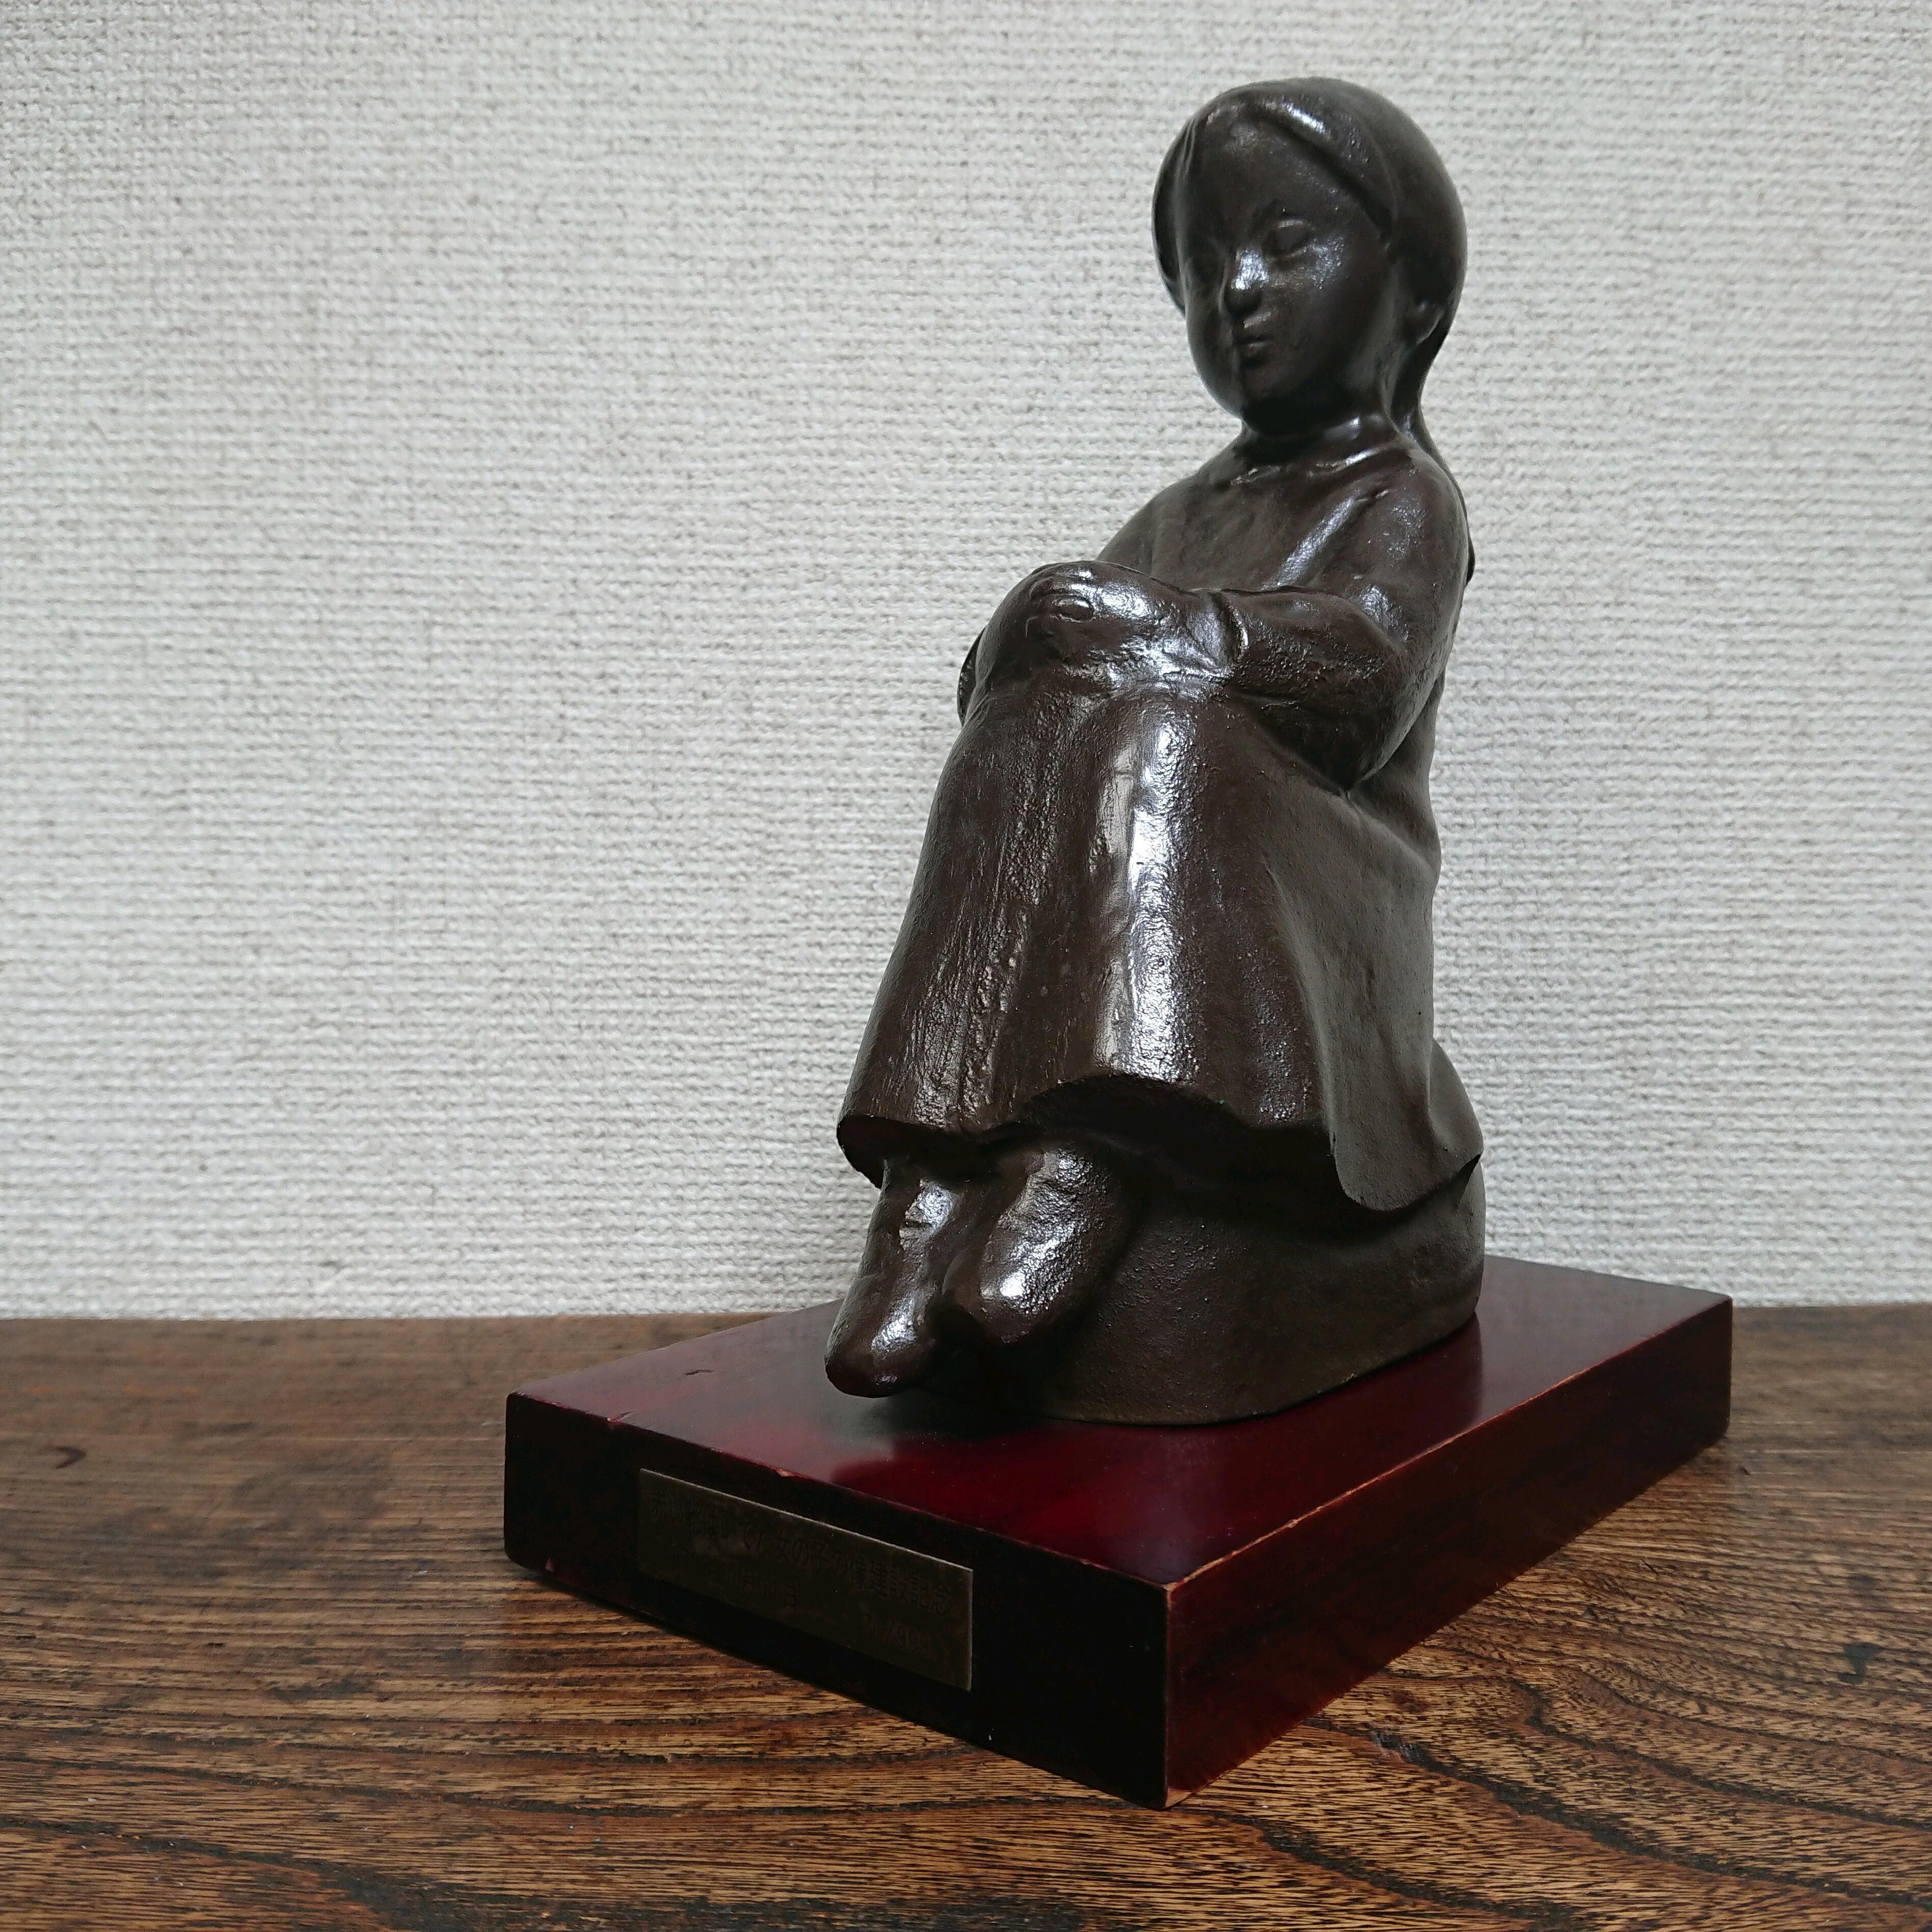 彫刻家 山本正道作 赤い靴はいてた女の子像 建設記念 ブロンズ像 限定 71/999 オブジェ 横浜山下公園 童謡